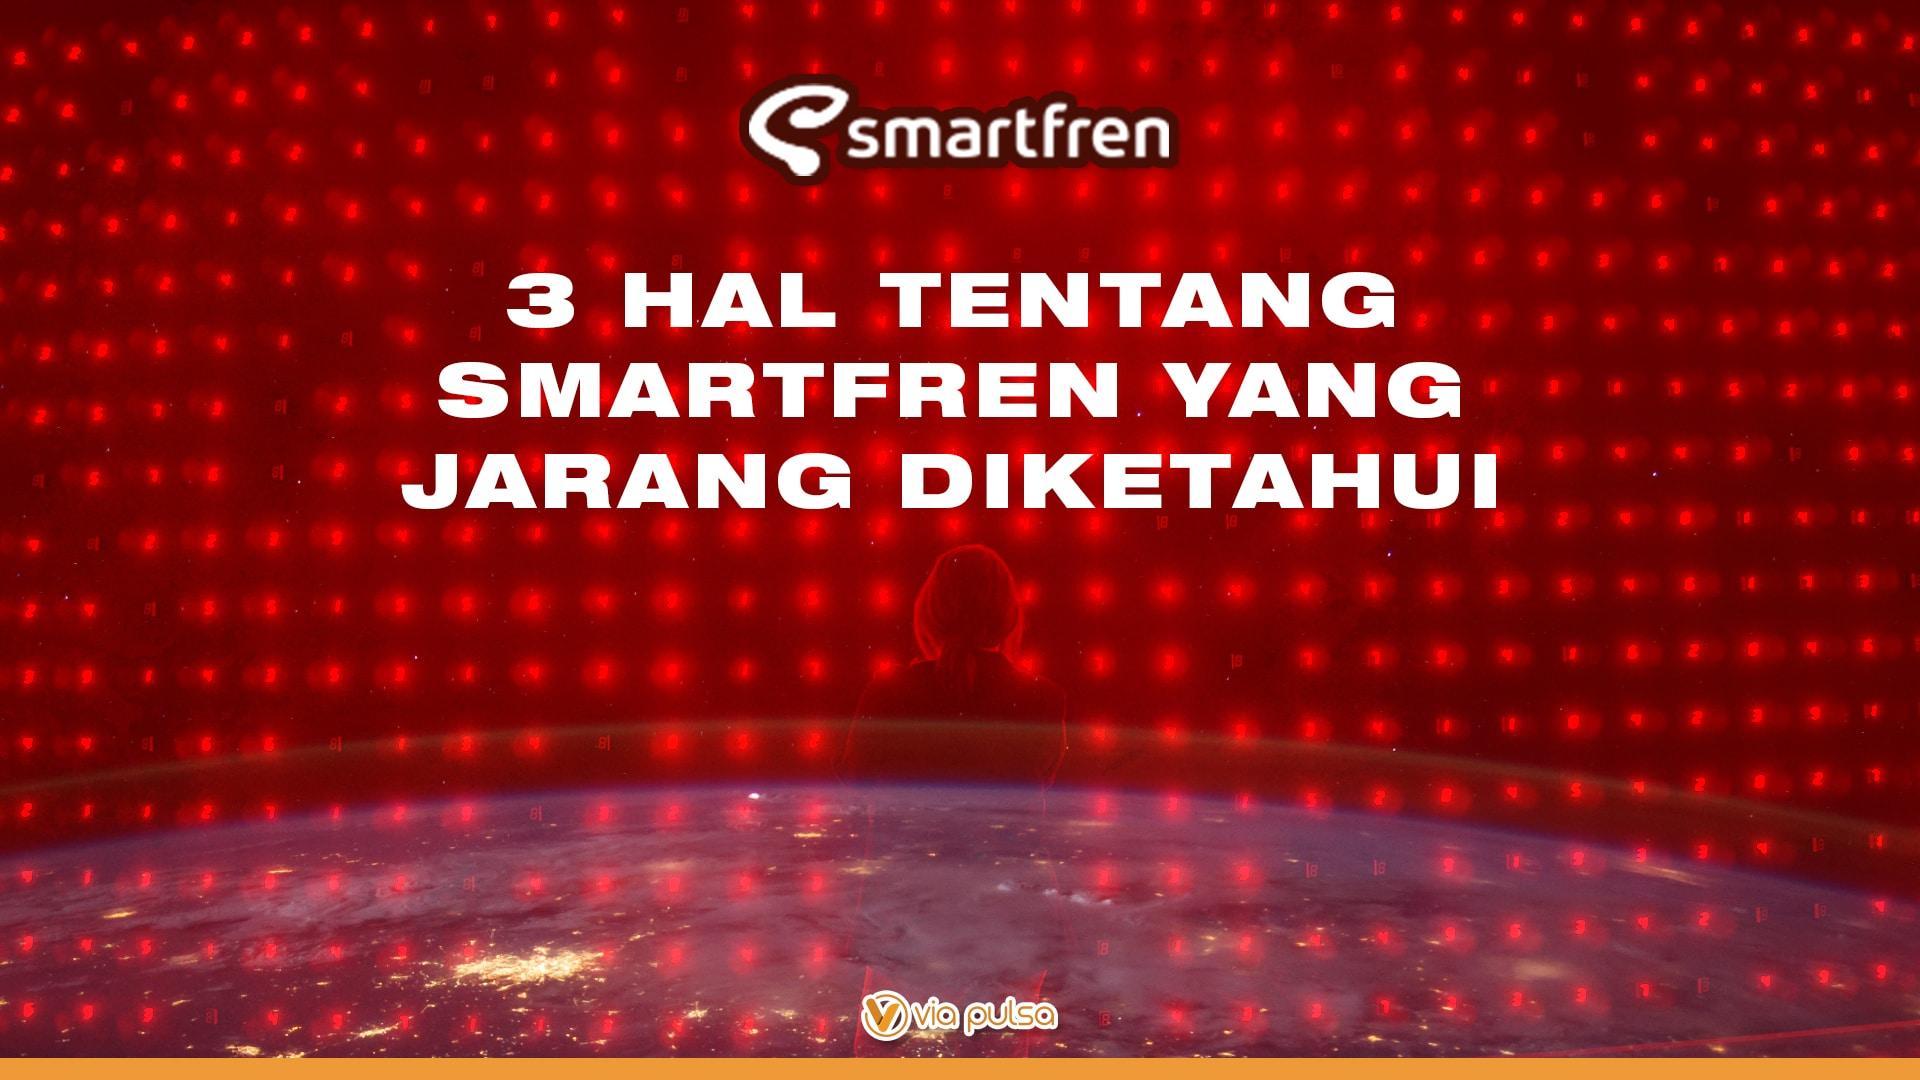 Background Artikel 3 Hal Tentang Smartfren Yang Jarang Diketahui